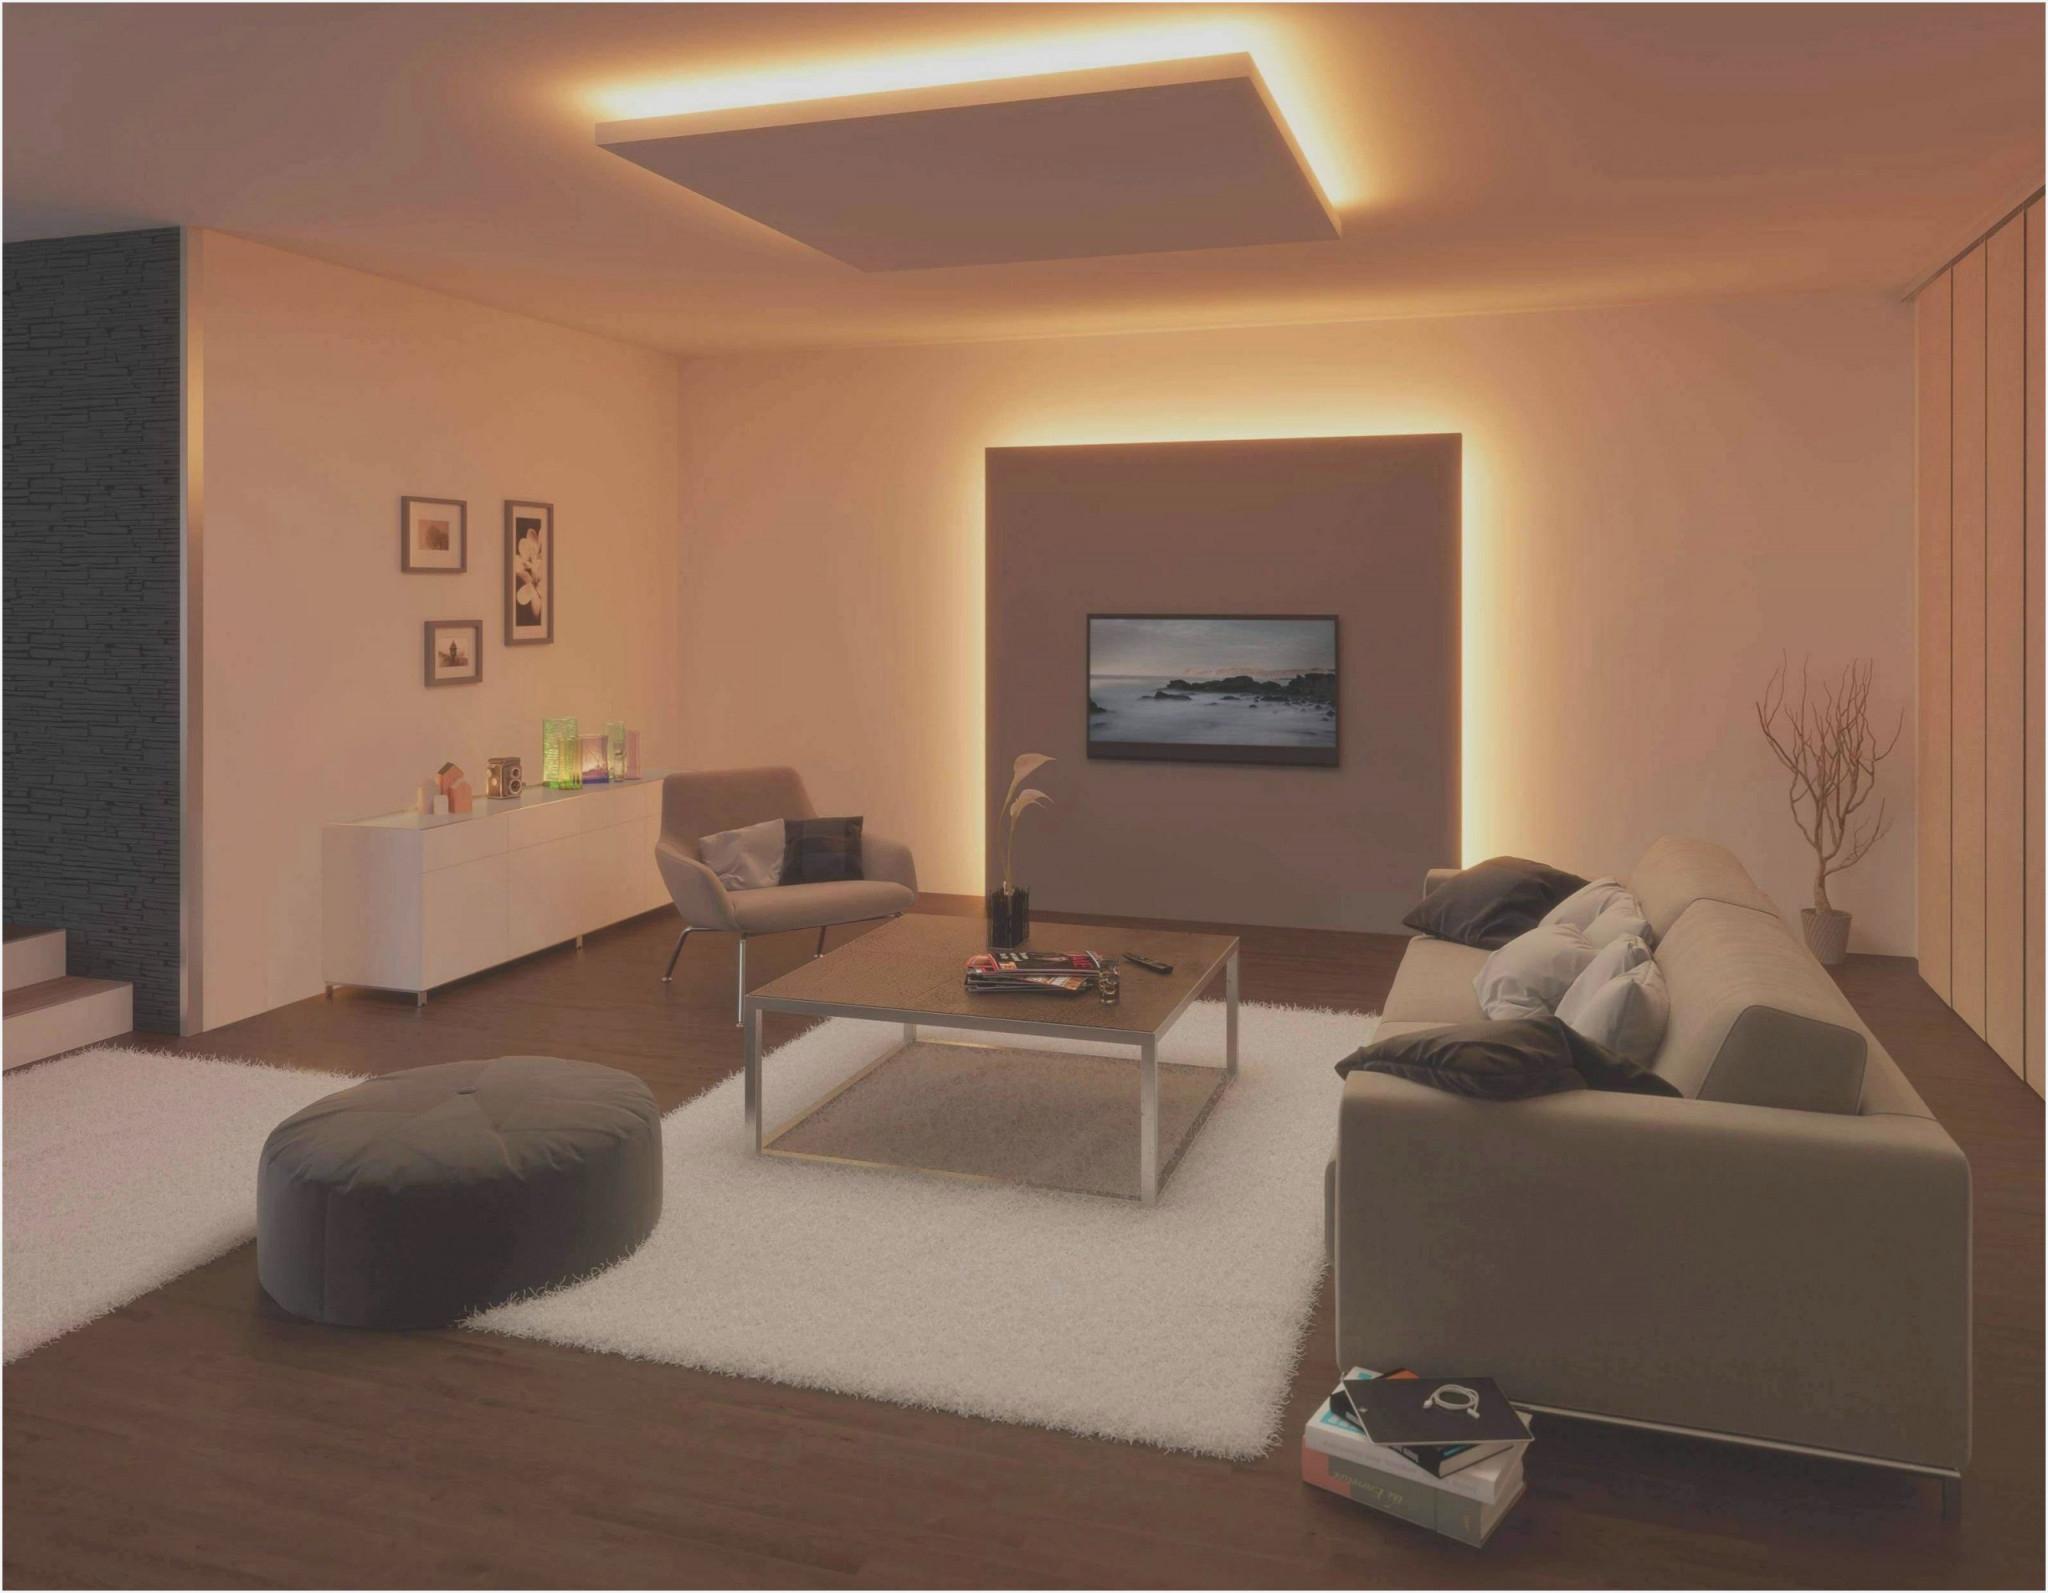 Wohnzimmer Lampe Sehr Hell  Wohnzimmer  Traumhaus von Wohnzimmer Lampe Hell Bild